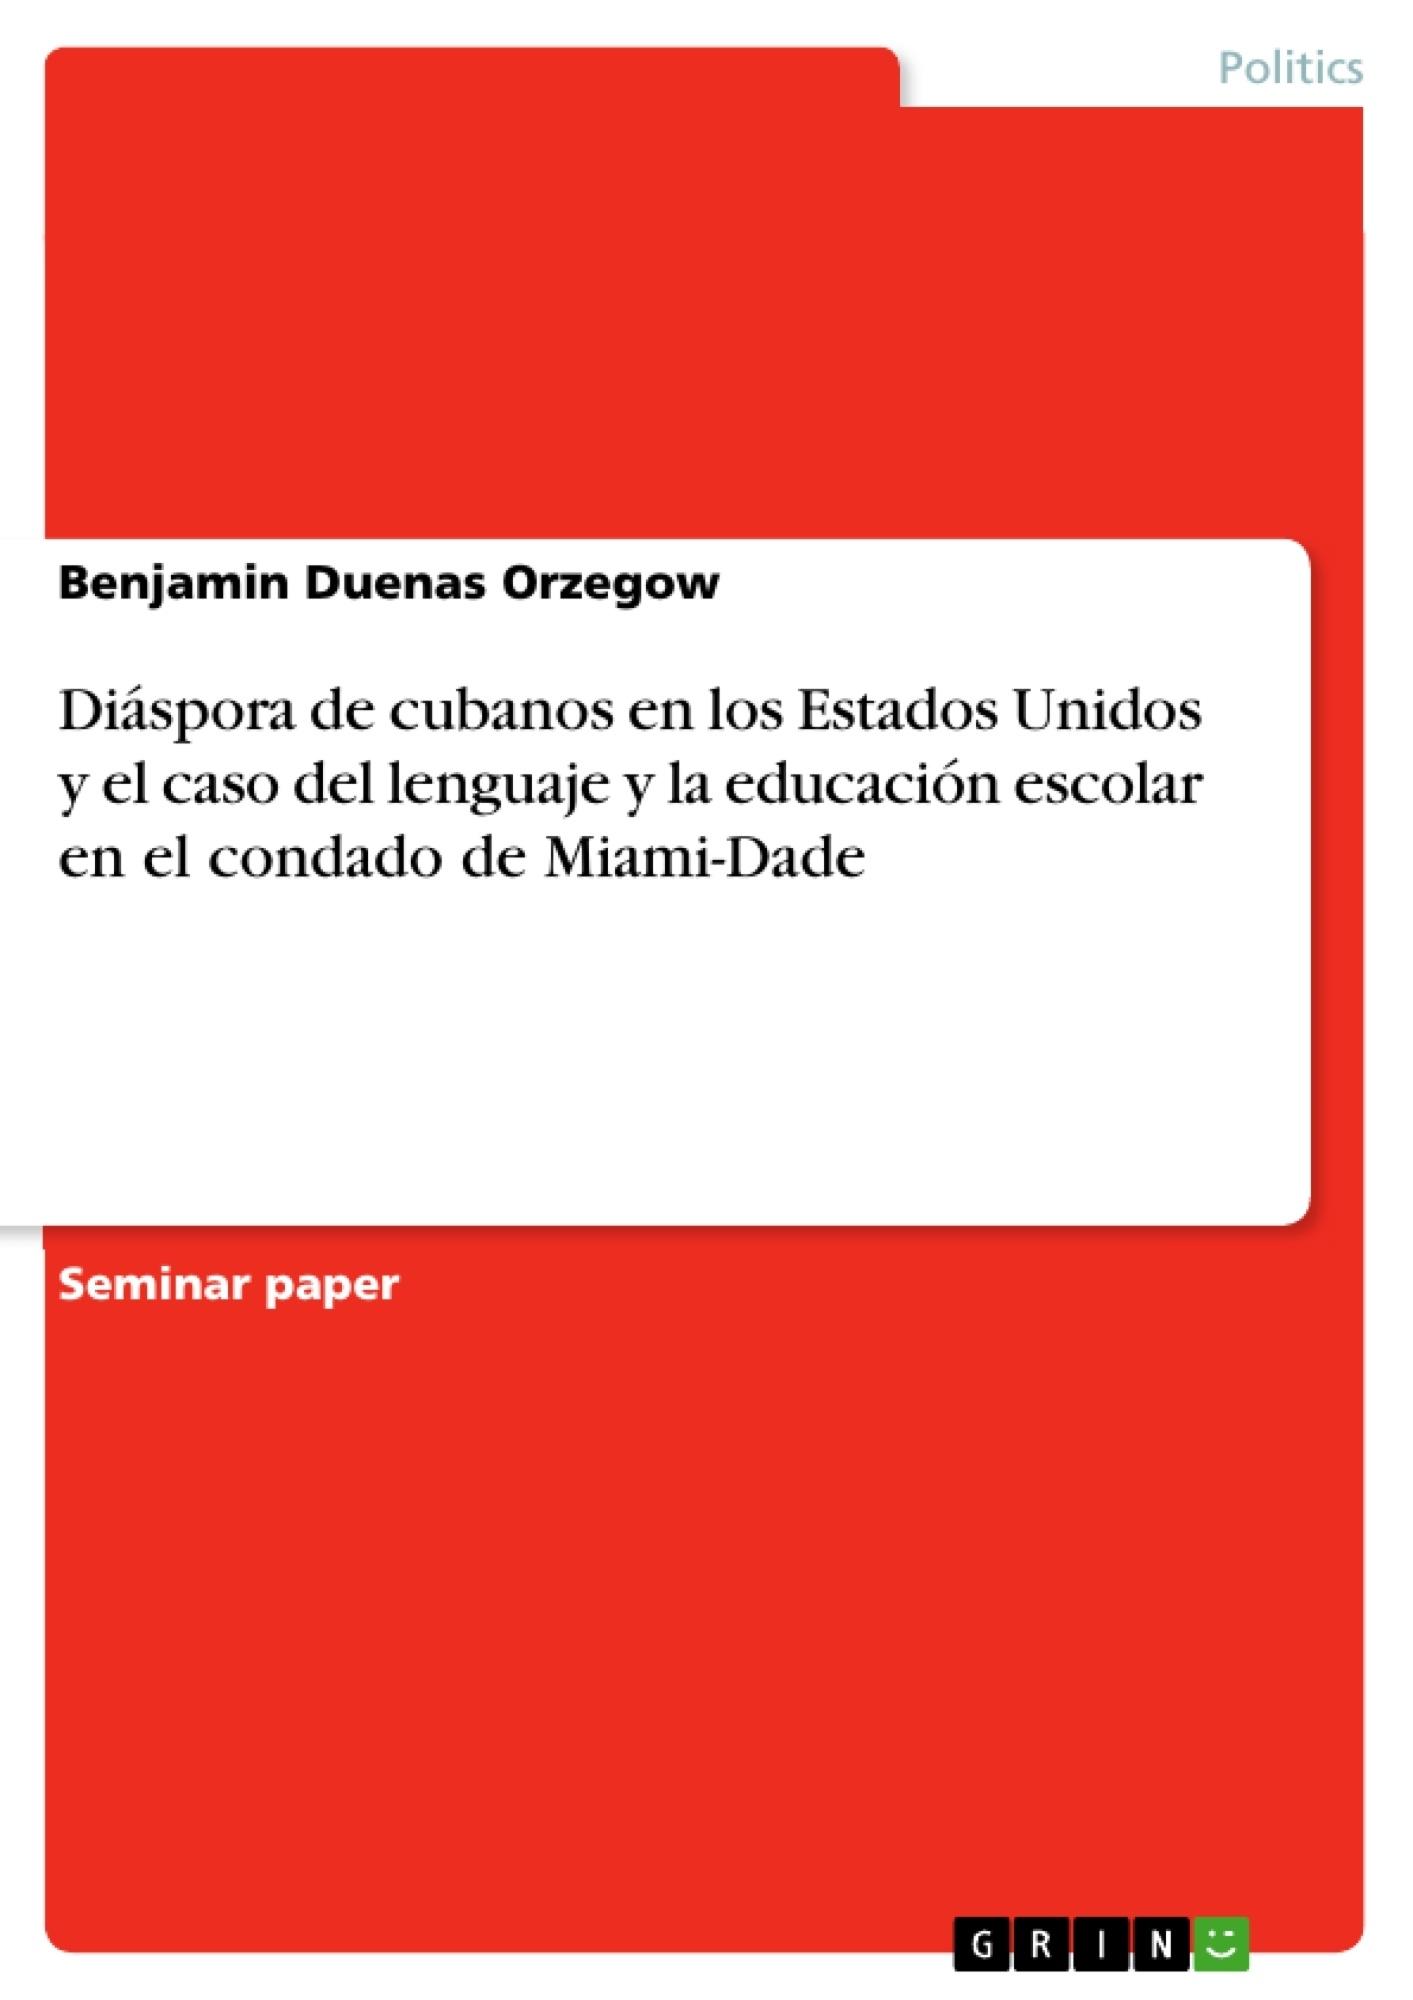 Título: Diáspora de cubanos en los Estados Unidos y el caso del lenguaje y la educación escolar en el condado de Miami-Dade